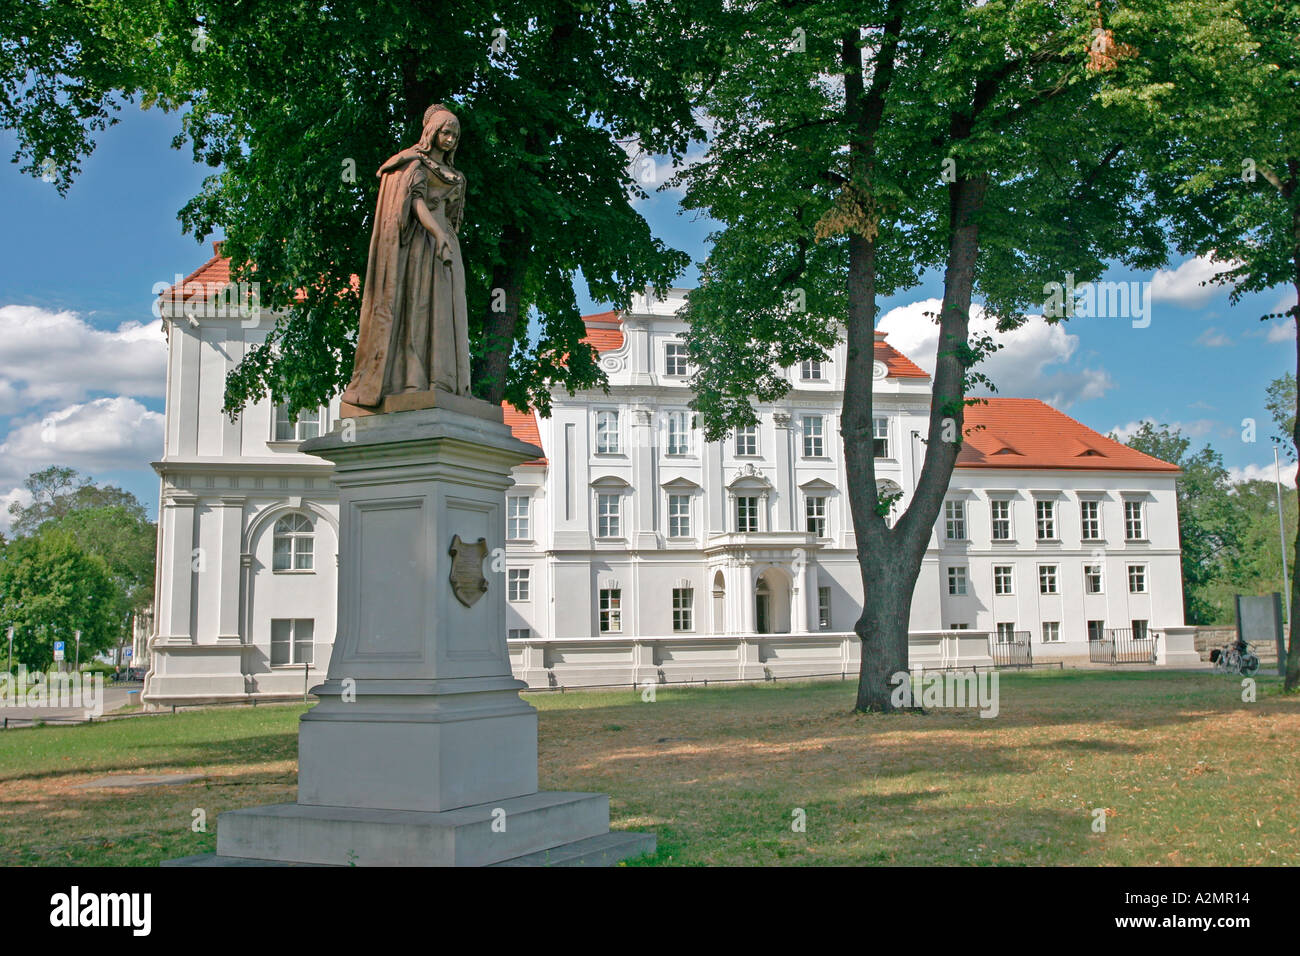 BRD Deutschland Brandenburg Oranienburg Blick auf Schloss Oranienburg mit Statue der Prinzessin unter den Bäumen Stockbild